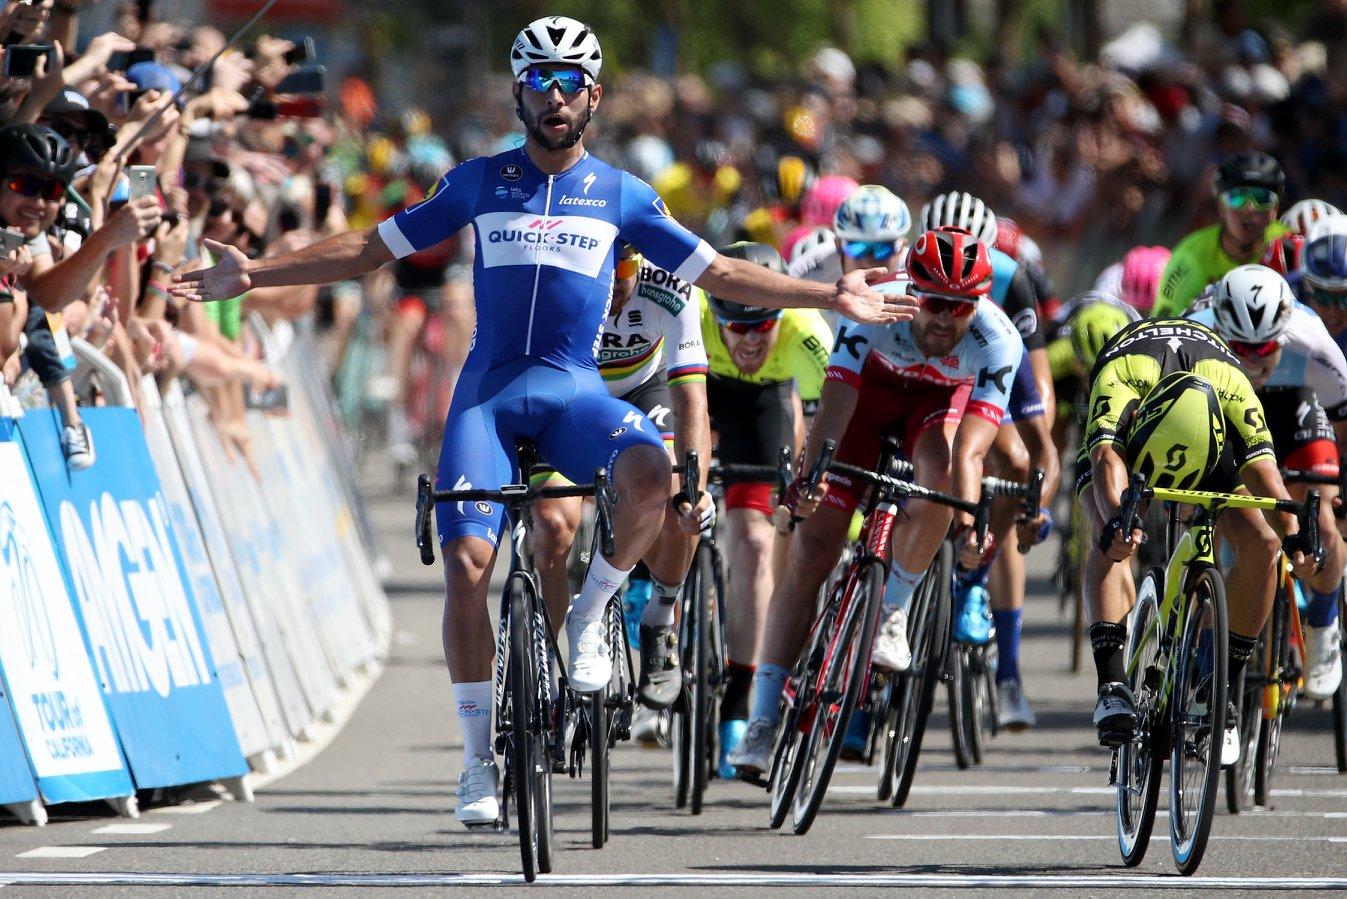 Fernando Gaviria vince la quinta tappa del Tour of California 2018